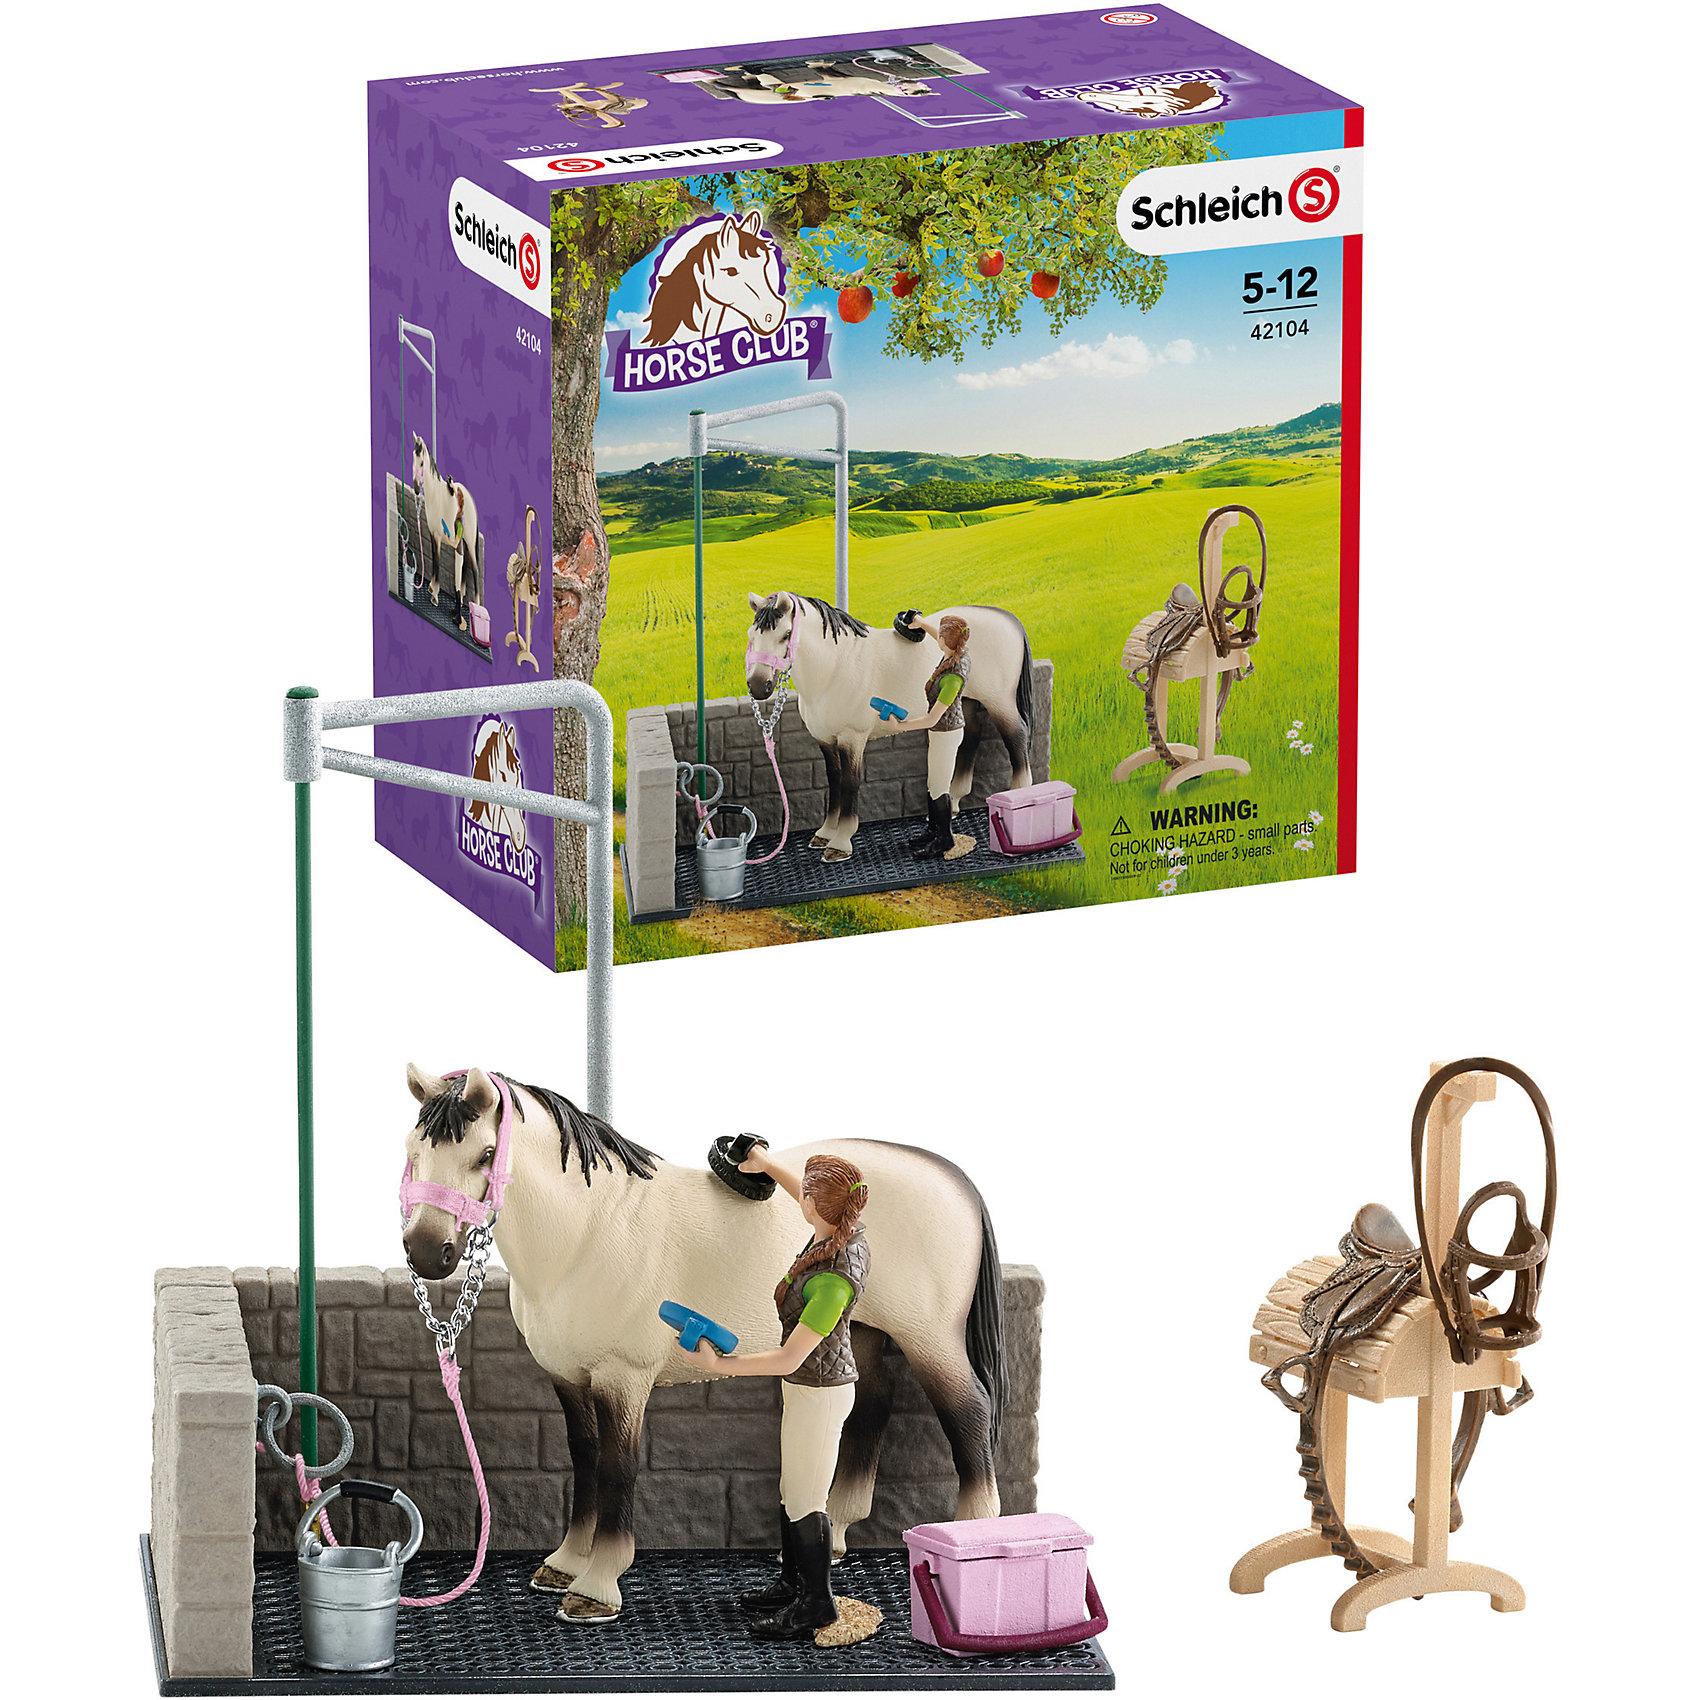 Набор для мойки лошадей, SchleichНабор для мойки лошадей, Schleich (Шляйх) станет прекрасным подарком для всех юных любителей грациозных животных и отличным дополнением к другим игровым наборам данной серии. Теперь Вы сможете ежедневно совершать водные процедуры для своих лошадок и заботиться об их красоте и здоровье. В набор входит удобное стойло с ковриком, где будет комфортно располагаться лошадка и различные аксессуары для ухода за ней: щетка, скребок, ведро и другие. К стенке стойла прикреплено кольцо, к которому можно привязать лошадку. Седло и уздечку во время процедур можно положить на специальную подставку. Все детали изготовлены из качественного каучукового пластика, который безопасен для детей, приятны на ощупь, раскрашены вручную и имеют оригинальную текстуру, повторяющую образ реальных предметов.<br><br>Дополнительная информация:<br><br>- В комплекте: стойло для мытья лошади, подставка под седло, фигурка лошади, фигурка девушки, скребок, щетка, седло и уздечка, недоуздок, ведро.<br>- Материал: каучуковый пластик.<br>- Размер упаковки: 19 х 17,3 х 11 см. <br>- Вес: 0,4 кг.<br><br>Набор для мойки лошадей, Schleich (Шляйх) можно купить в нашем интернет-магазине.<br><br>Ширина мм: 194<br>Глубина мм: 172<br>Высота мм: 110<br>Вес г: 403<br>Возраст от месяцев: 36<br>Возраст до месяцев: 96<br>Пол: Женский<br>Возраст: Детский<br>SKU: 3539478